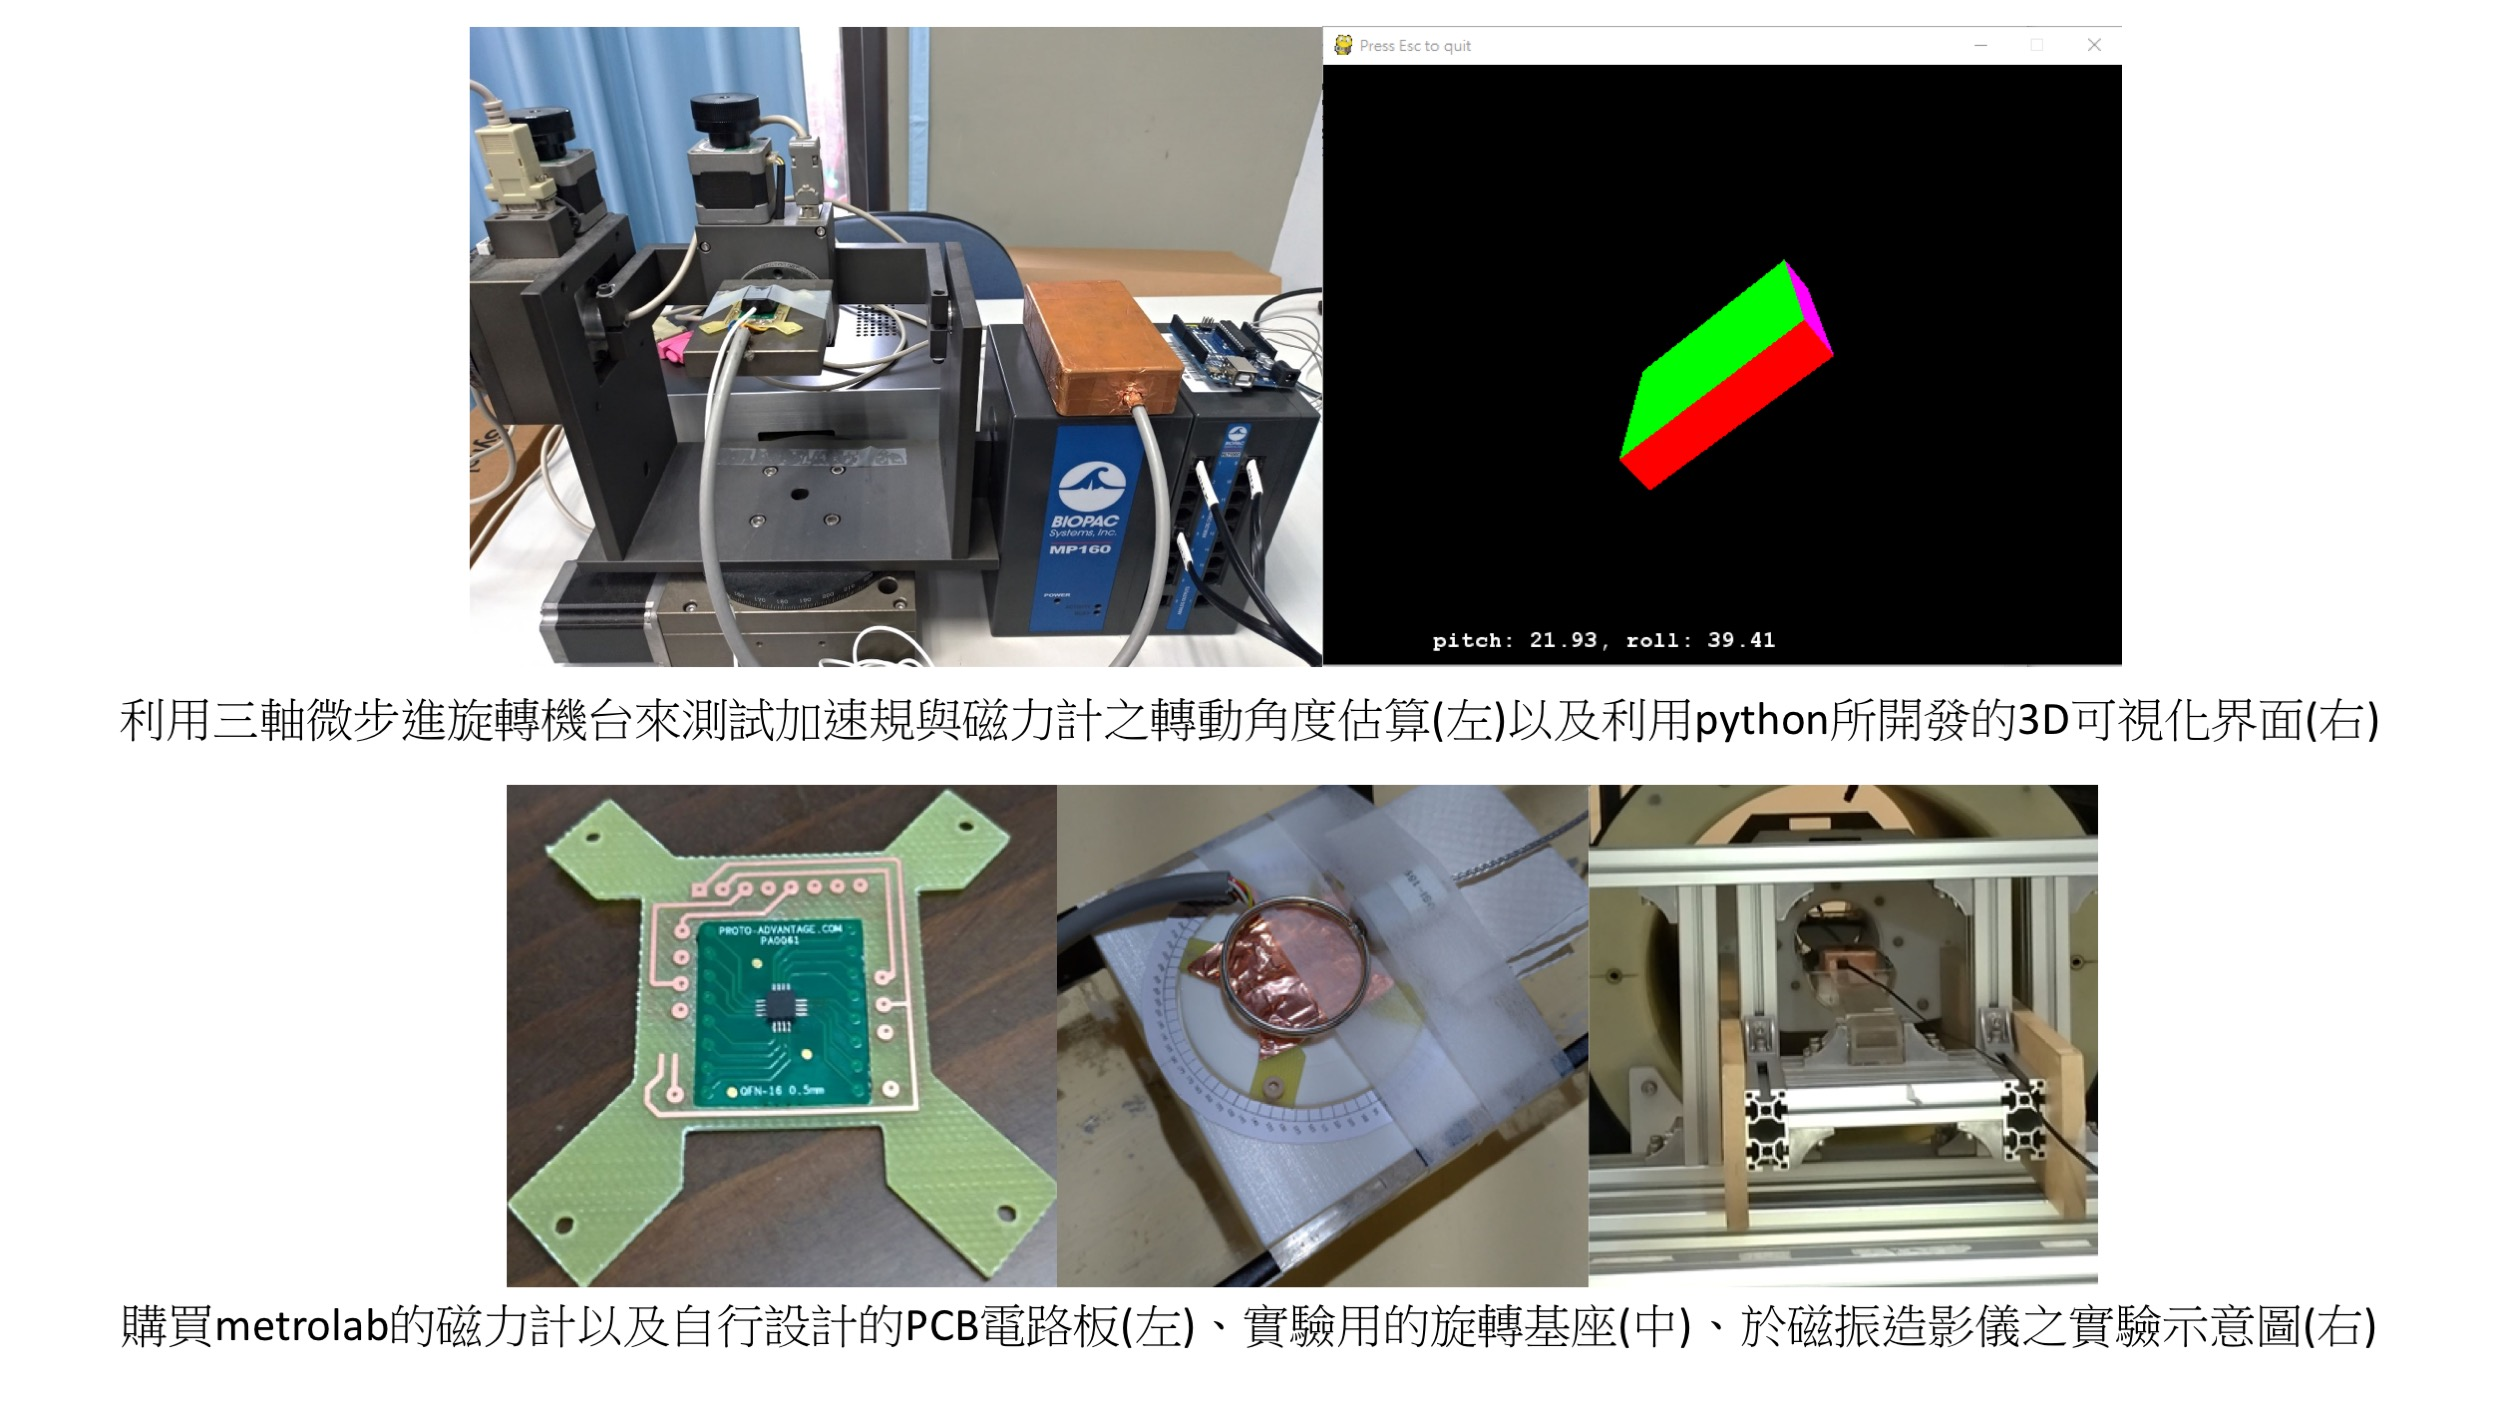 應用於磁振造影之即時頭動偵測與校正技術